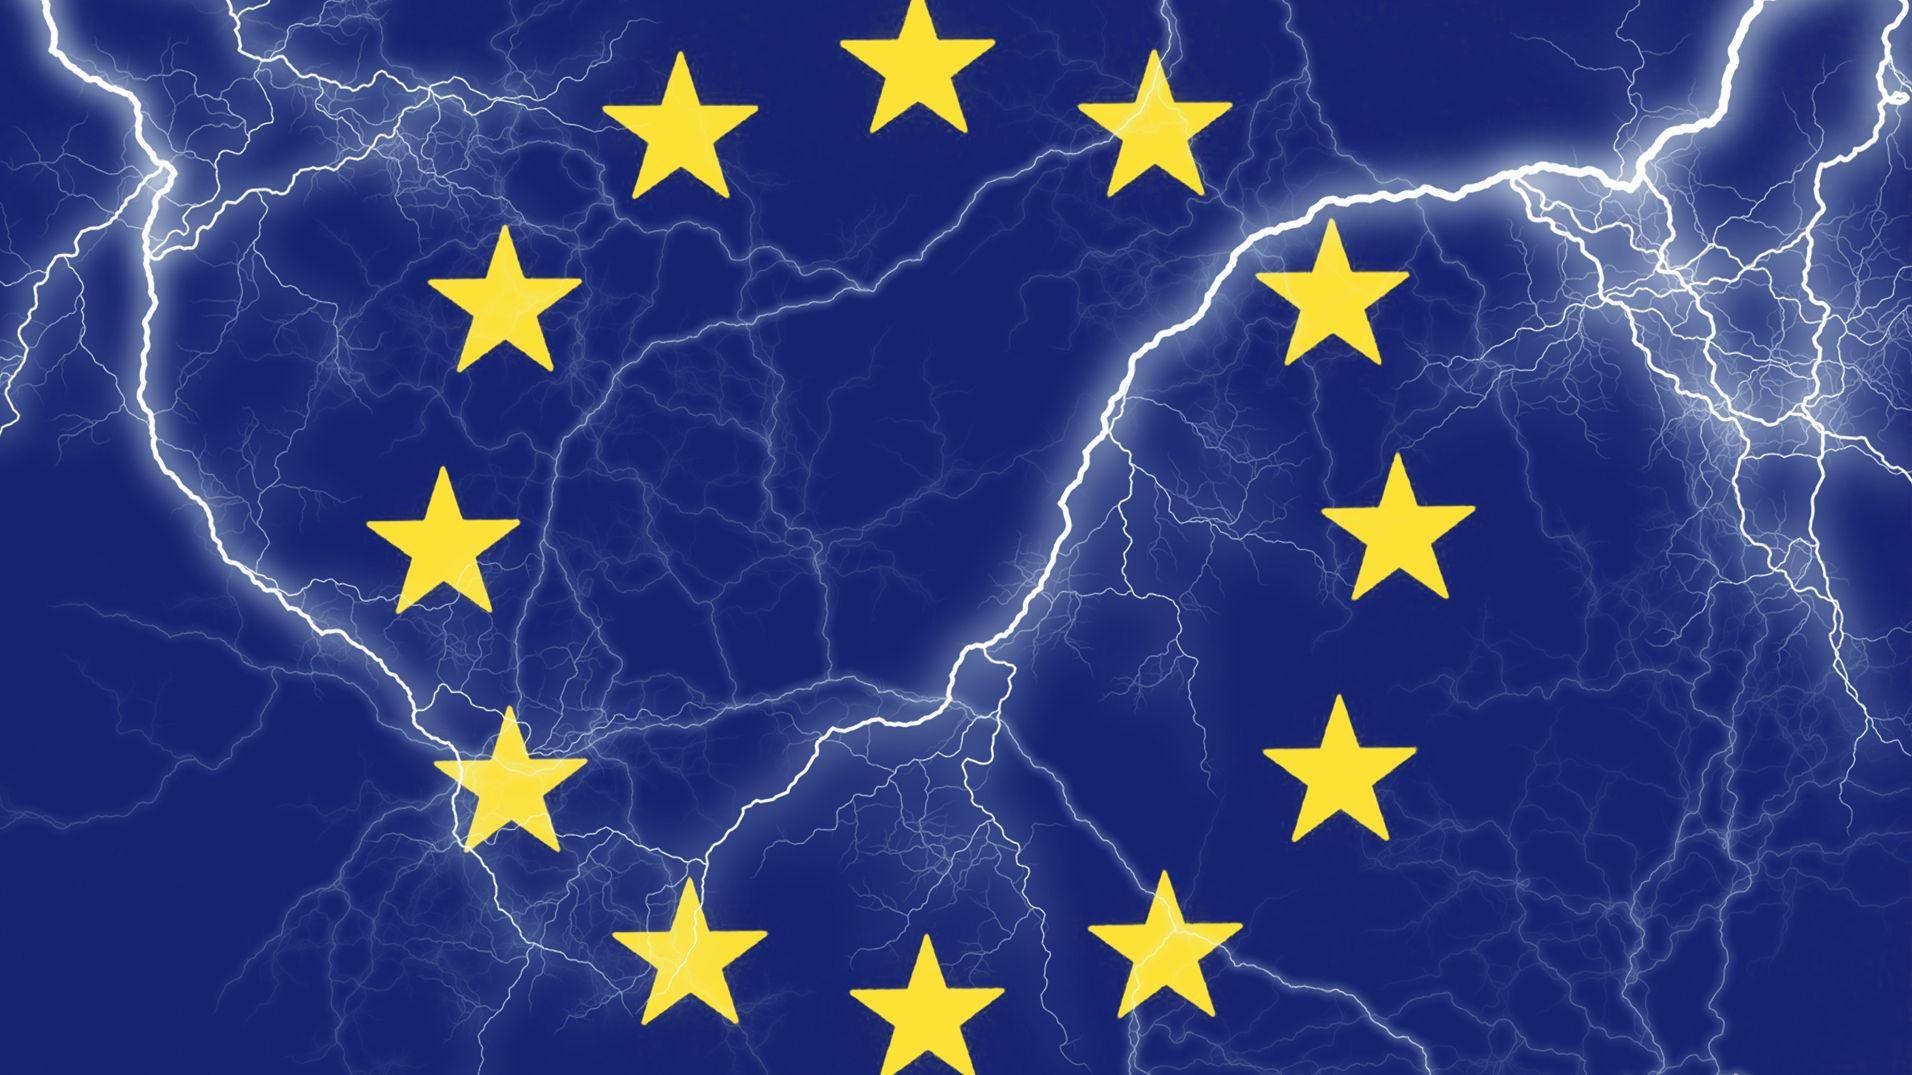 Symbolbild: Europäische Flagge mit Gewitterblitzen